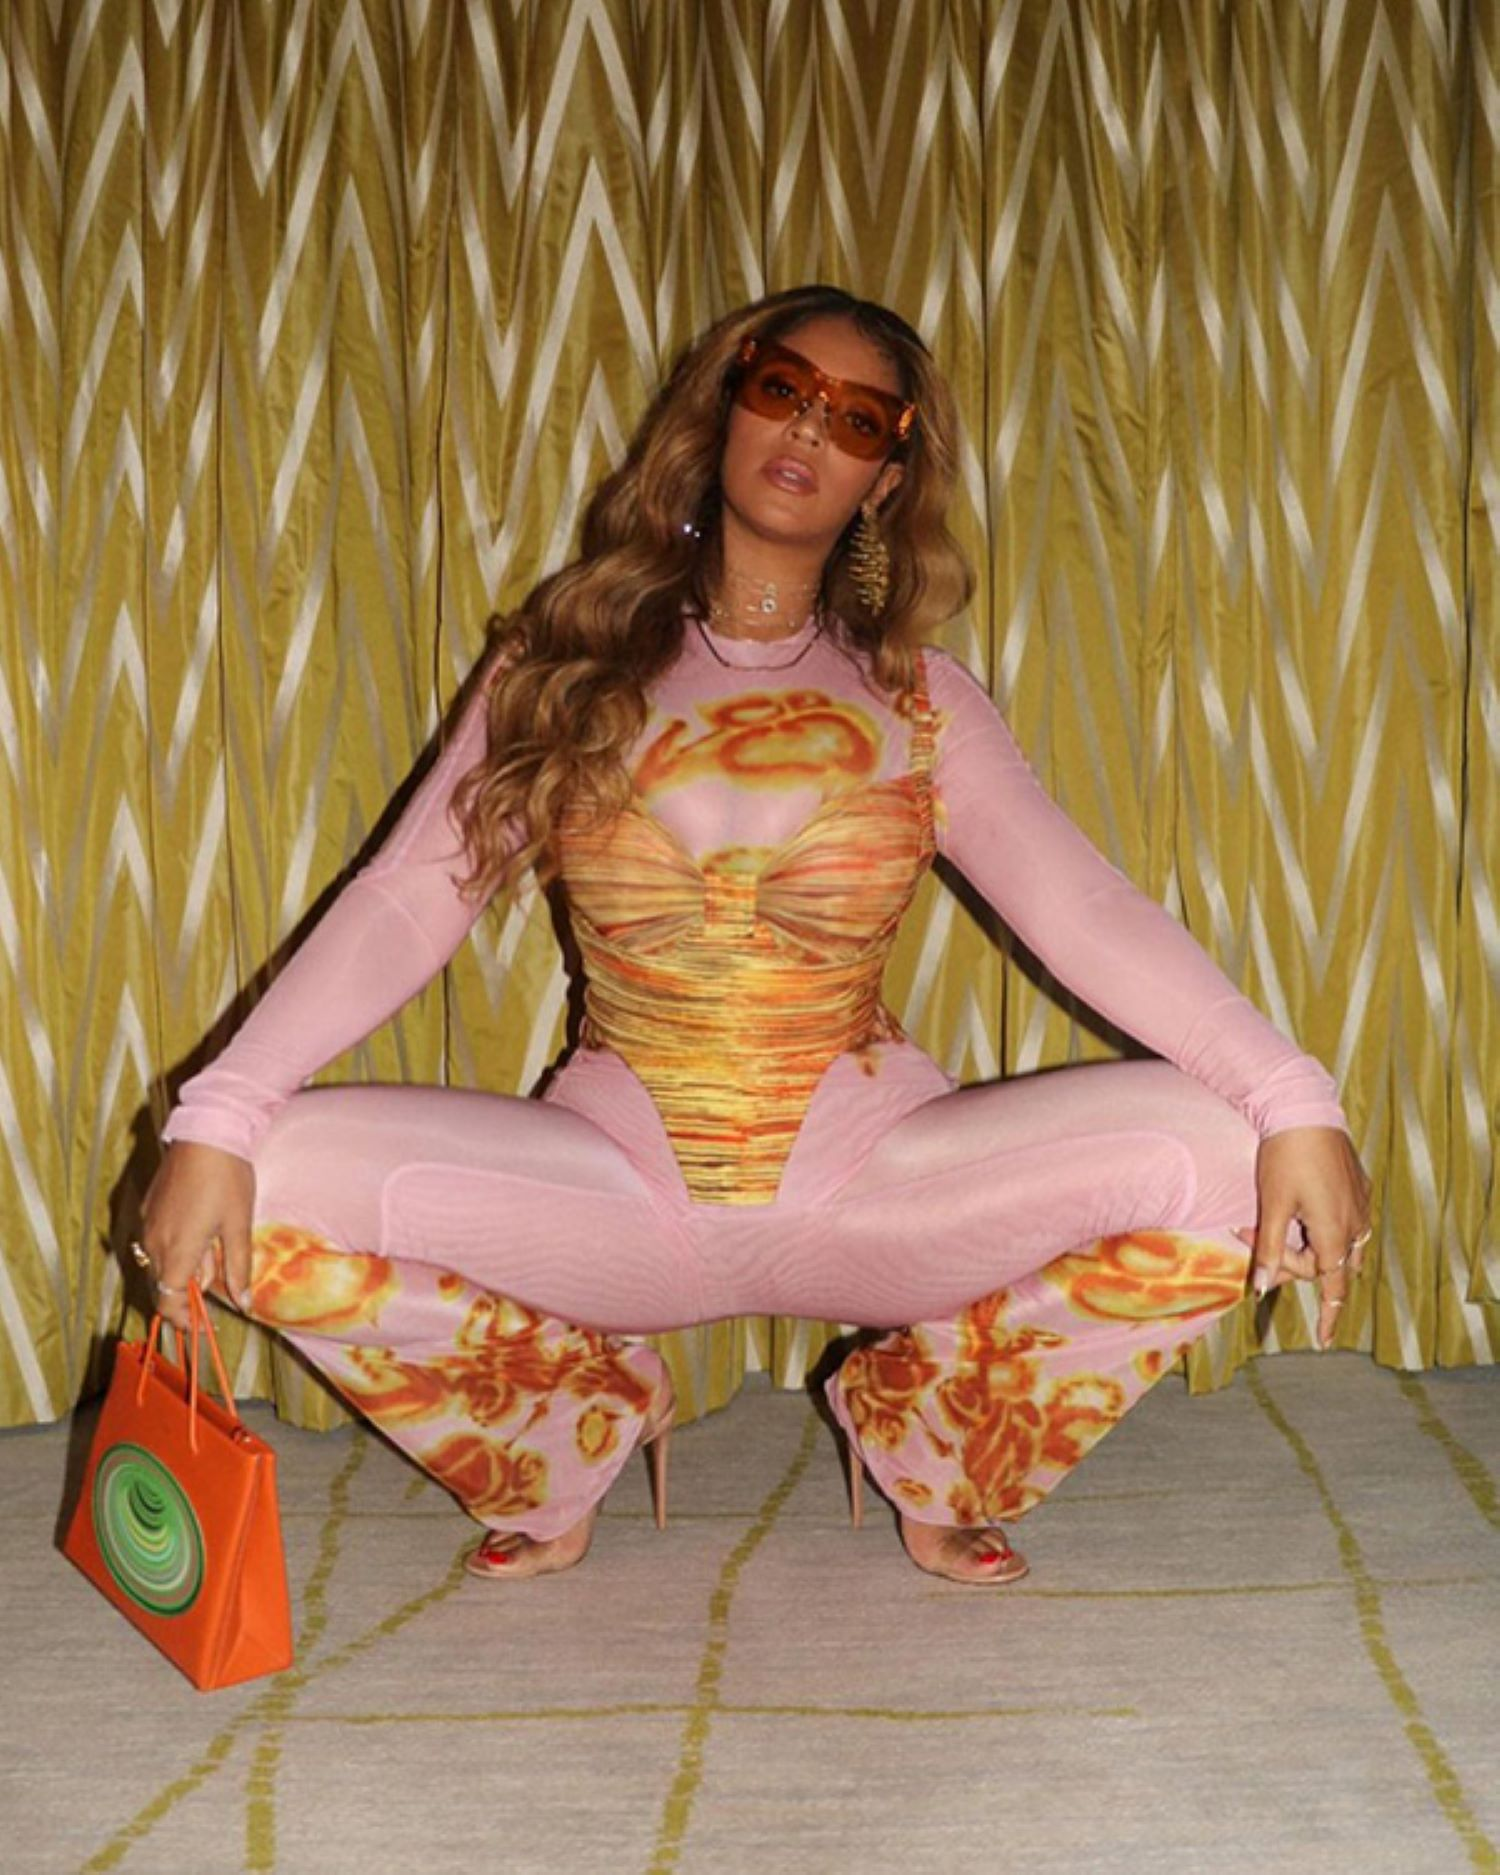 Lekce podnikání s Medeou, kultovní značkou, kterou milují Beyoncé i Rihanna